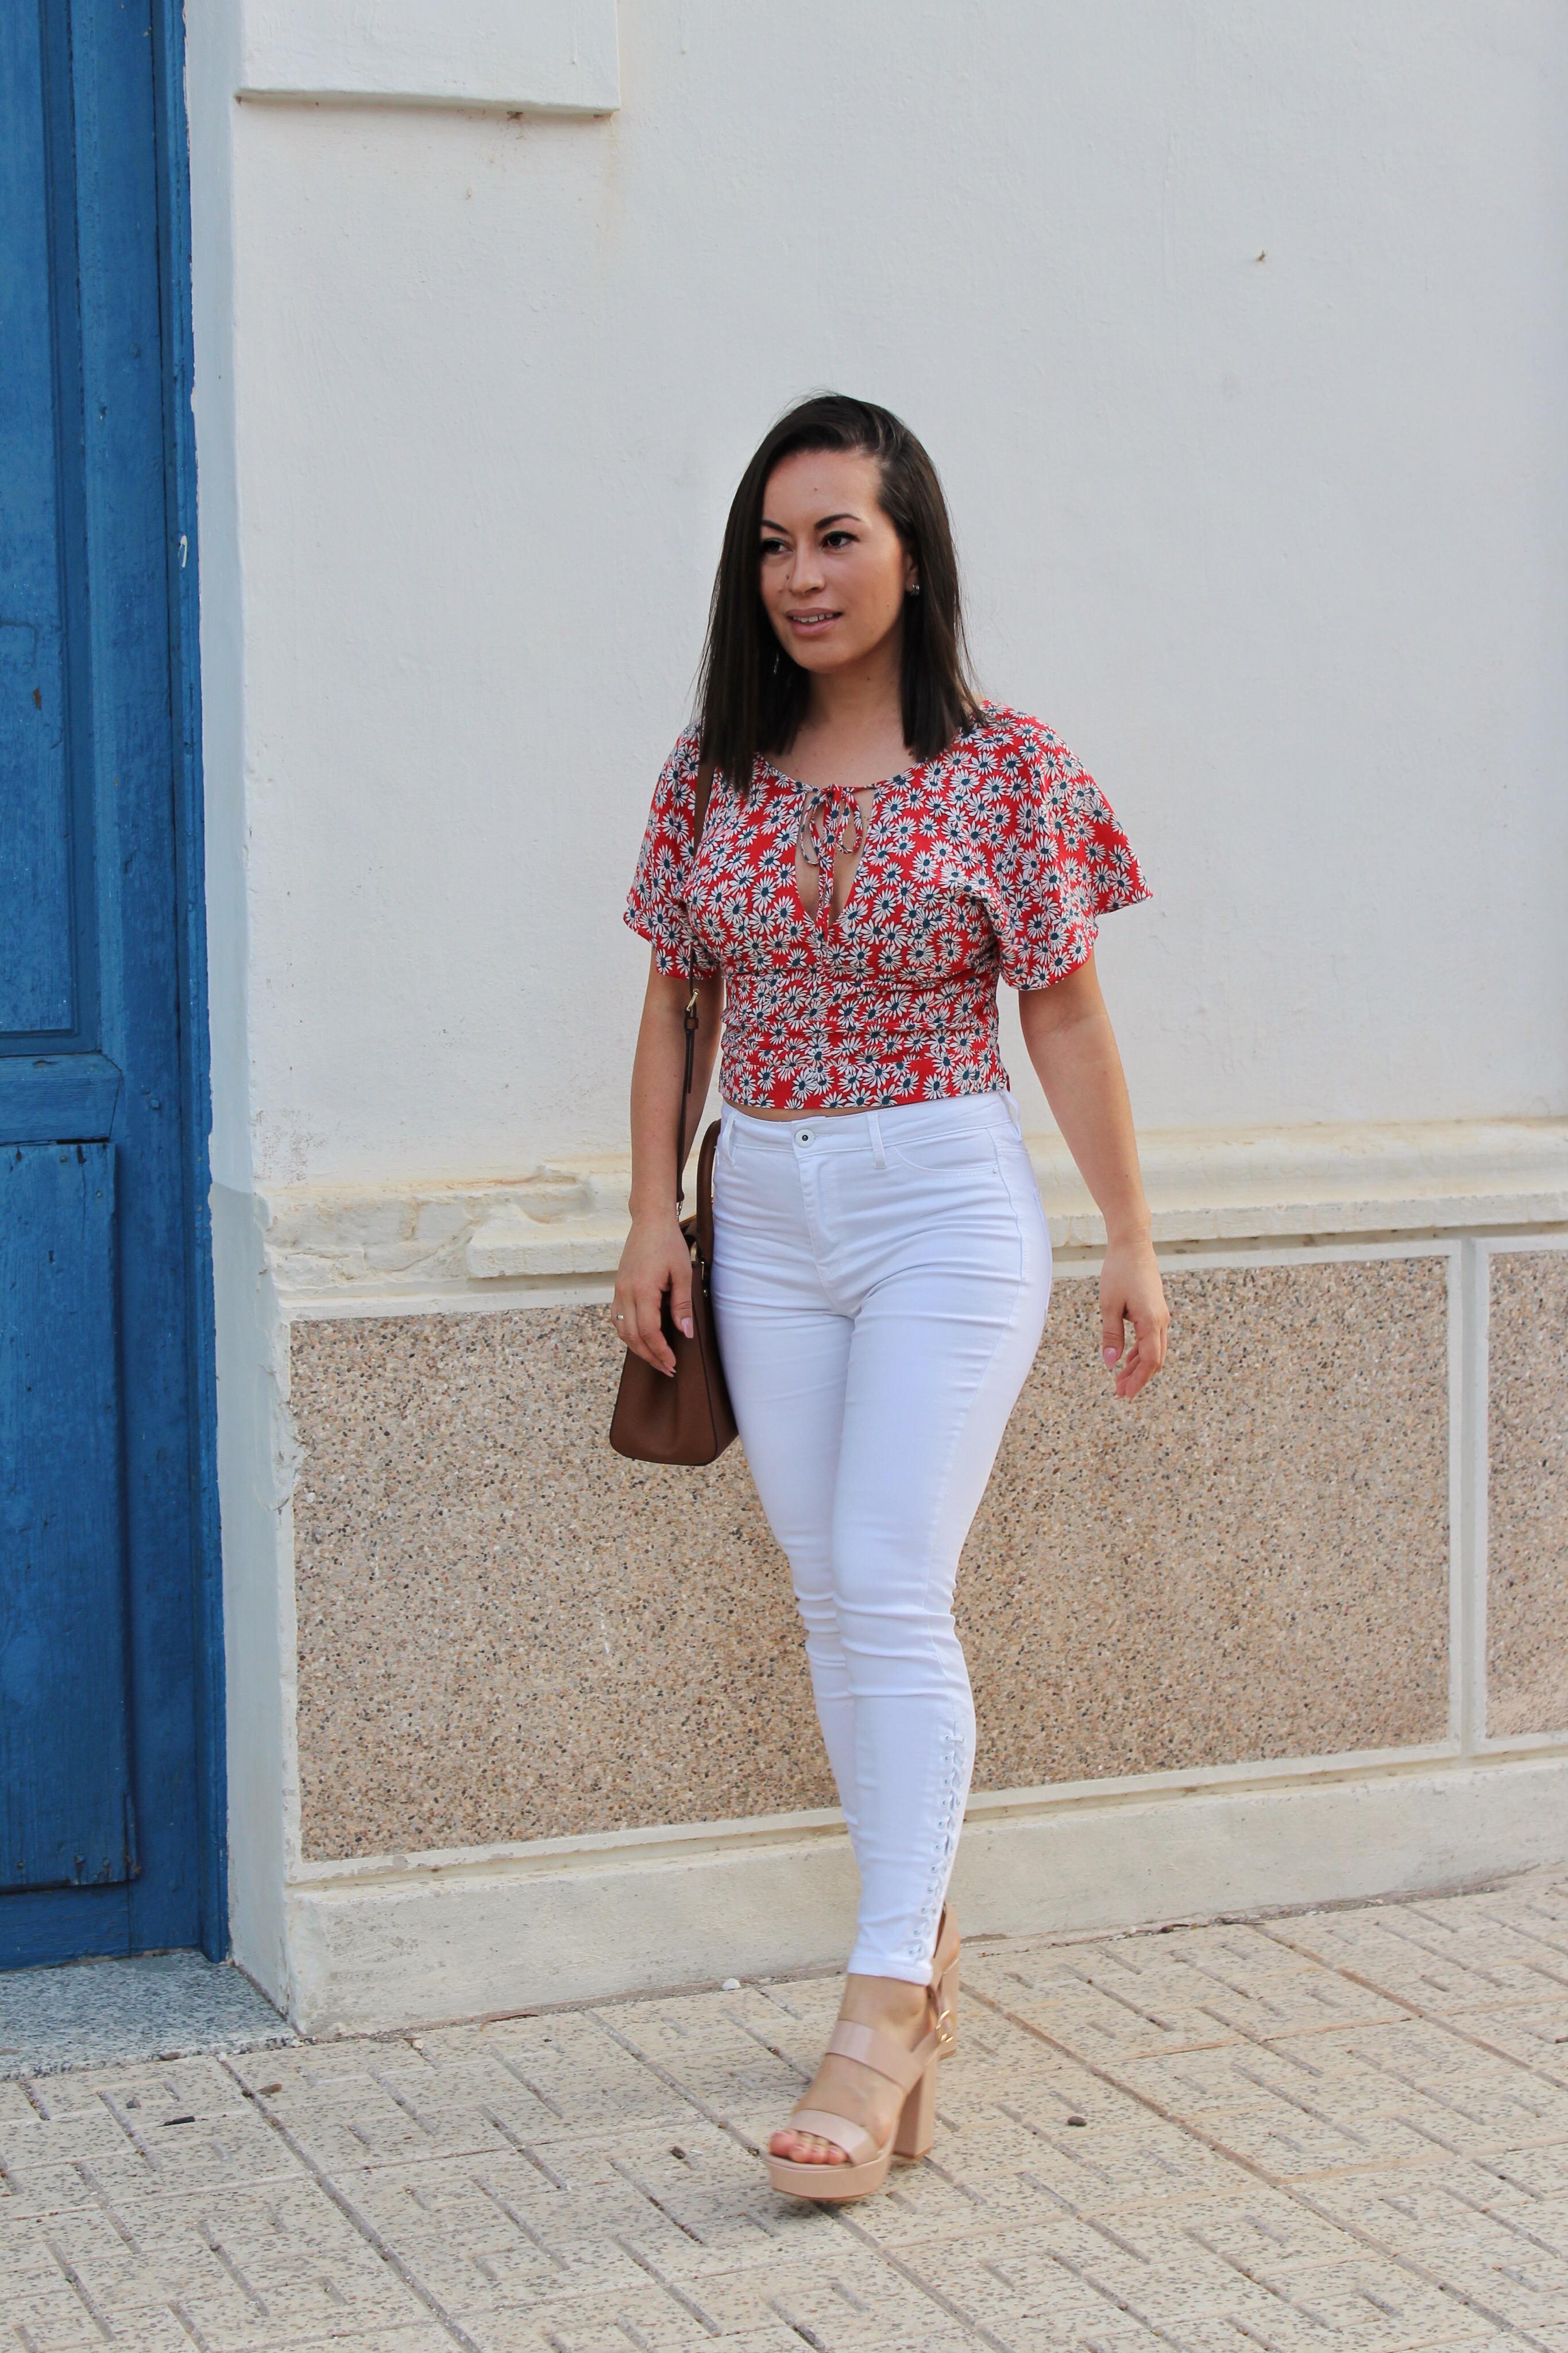 Y Love Pantalón Estampado – Chic Top Blanco Sweet yf7vIbgY6m